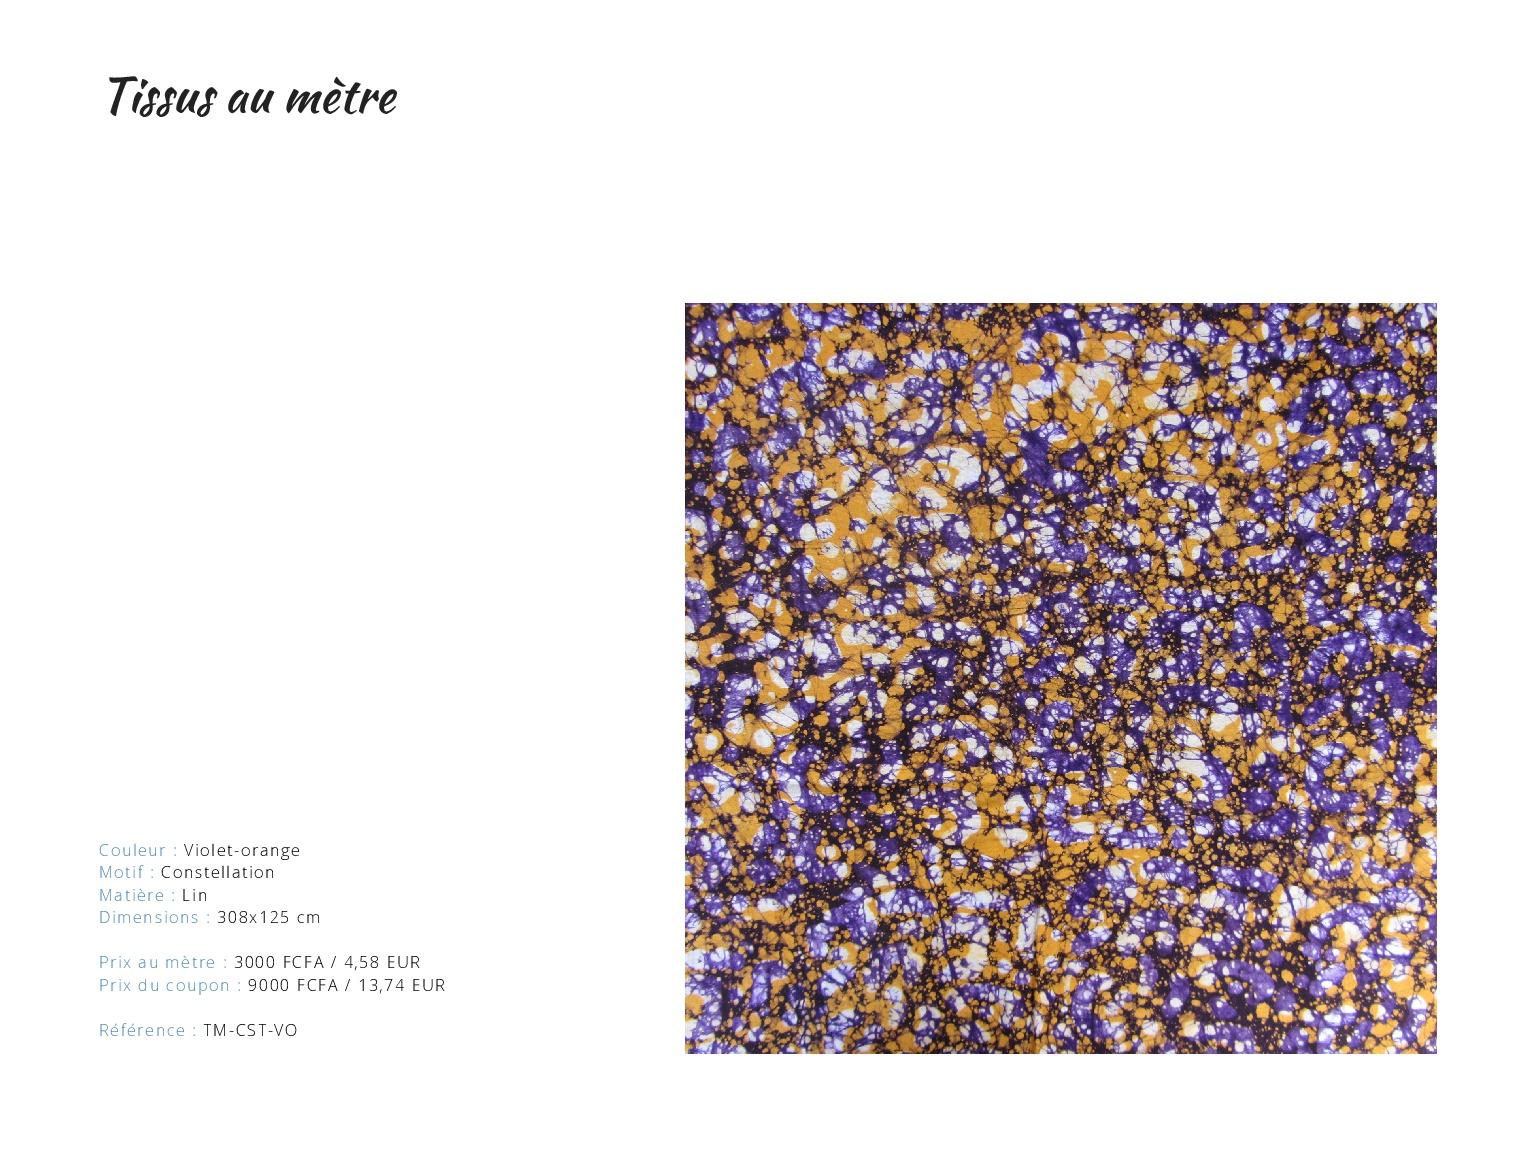 Catalogue-Linge-de-Maison_2018-034